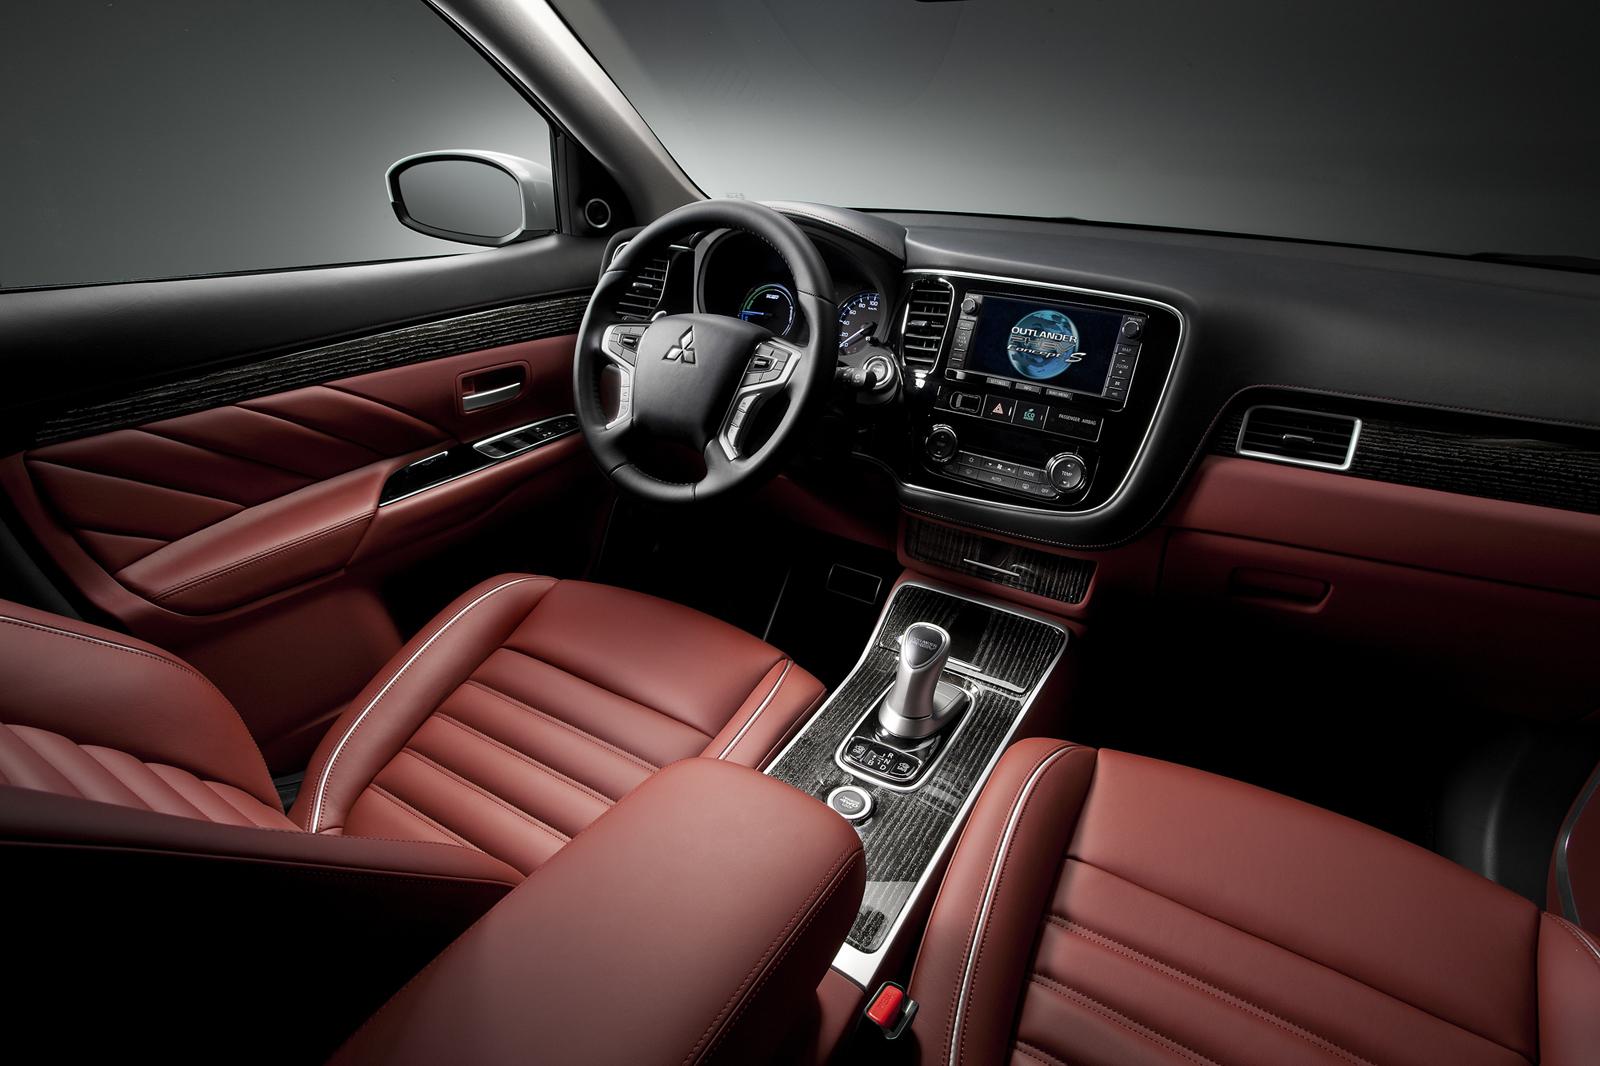 Nội thất của xe được thiết kế thể thao với màu sắc chủ đạo là đèn và đỏ tía